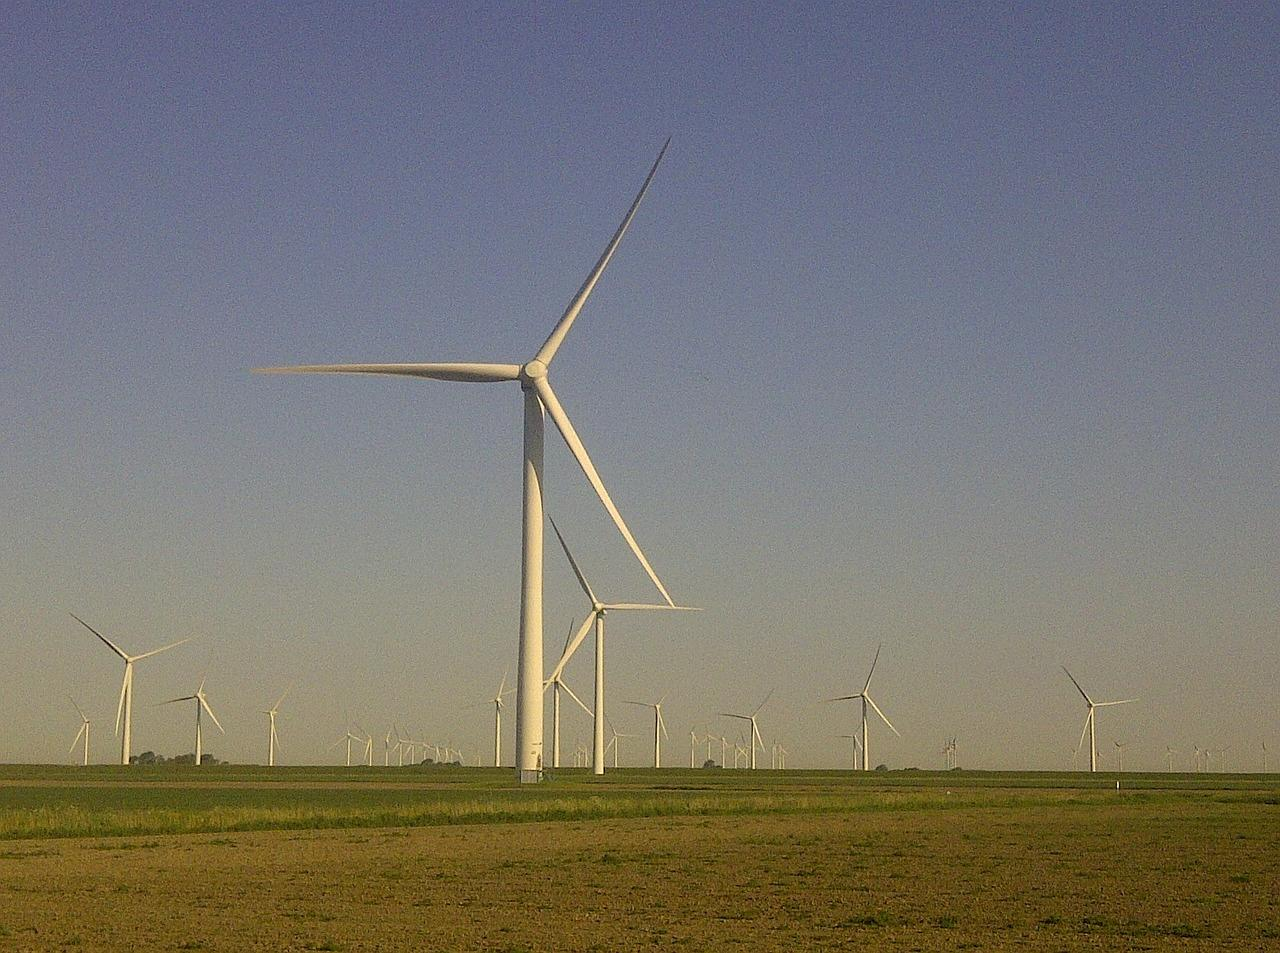 Namensänderung eines Windenergieanlagenherstellers